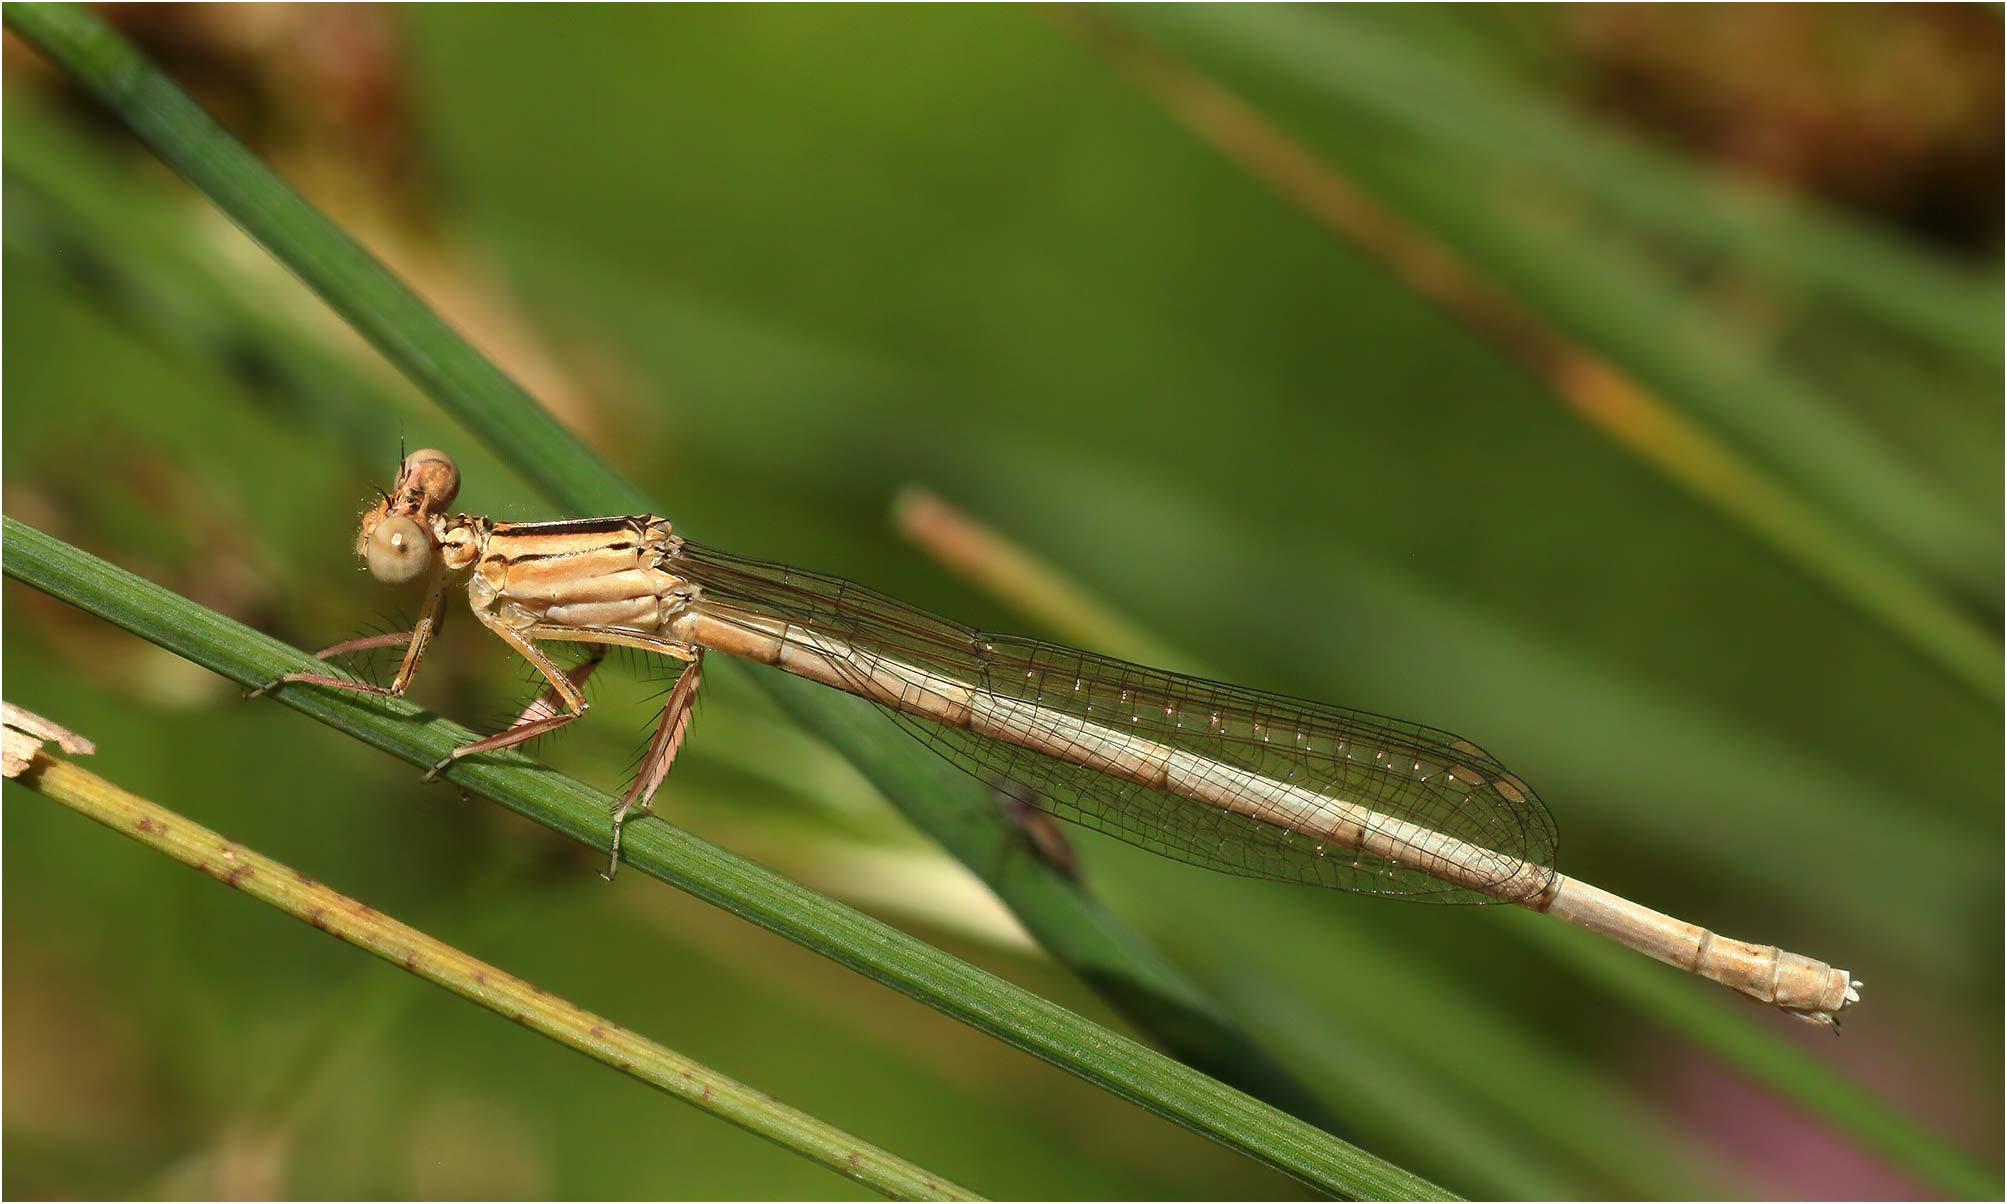 Platycnemis latipes femelle émergente, Castelnau-de-Montmiral (France-81), 21/06/2021